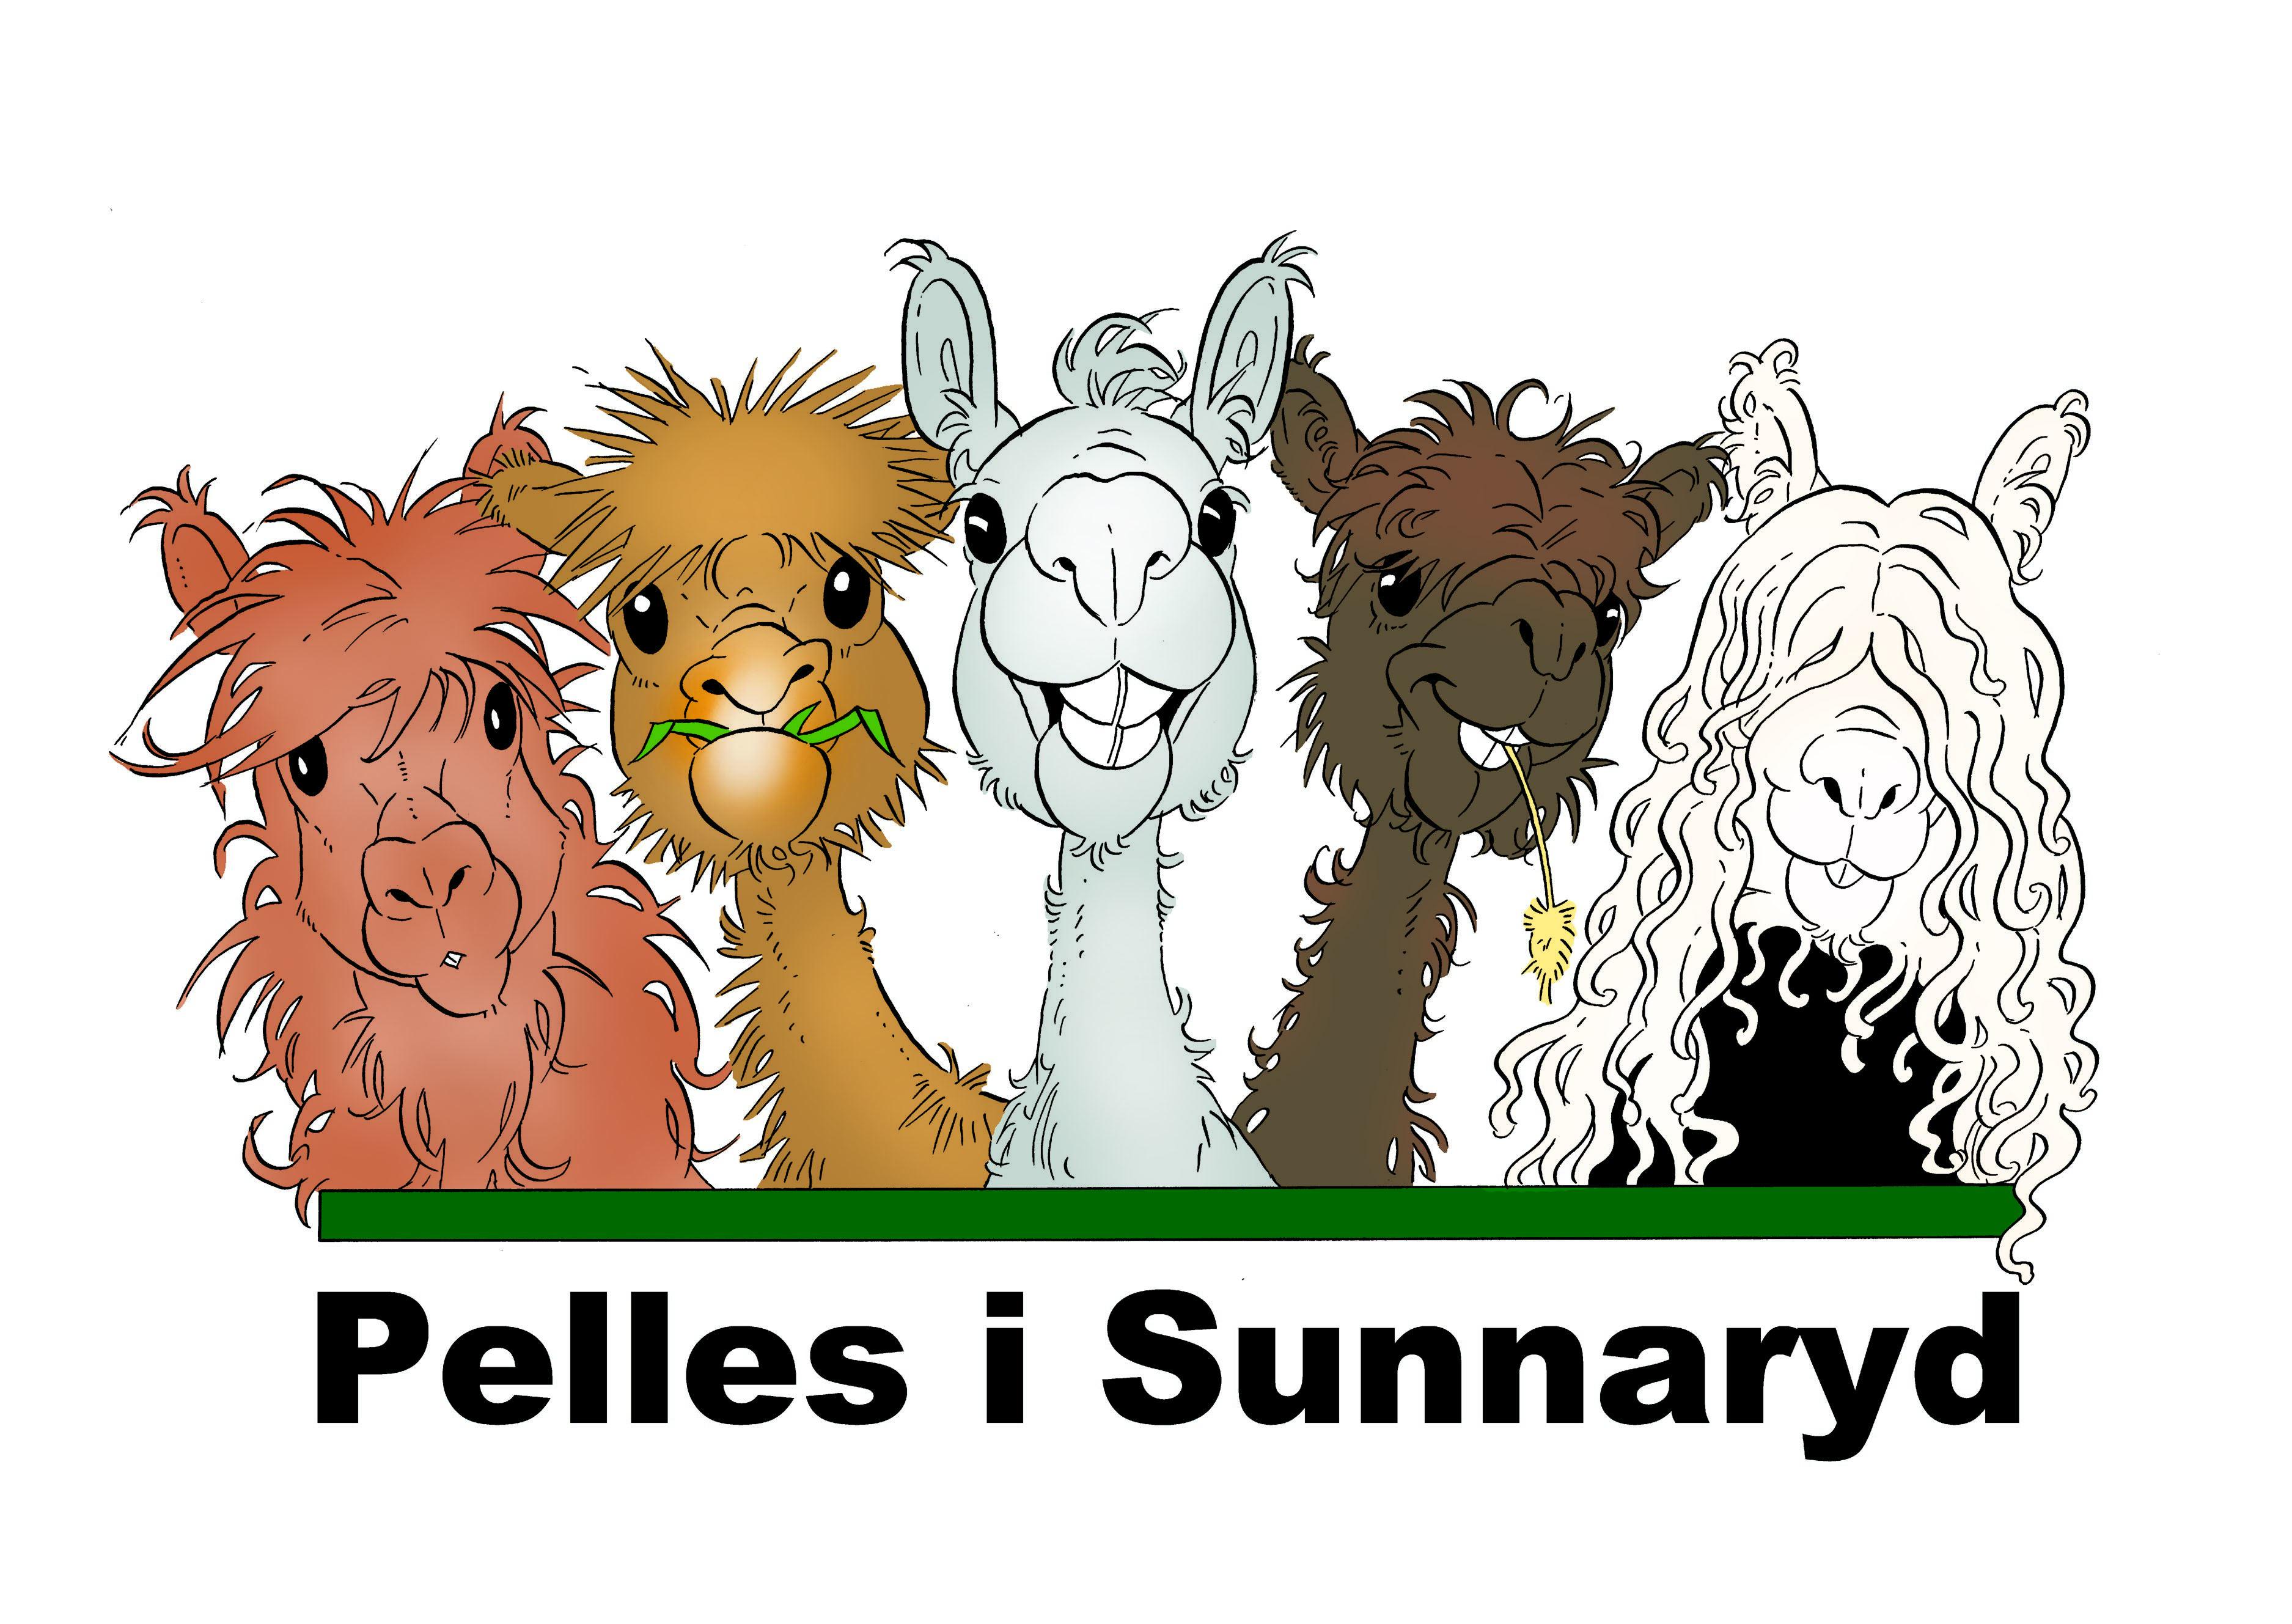 Pelles i Sunnaryd,  © Pelles i Sunnaryd, Alpaca at Pelles i Sunnaryd